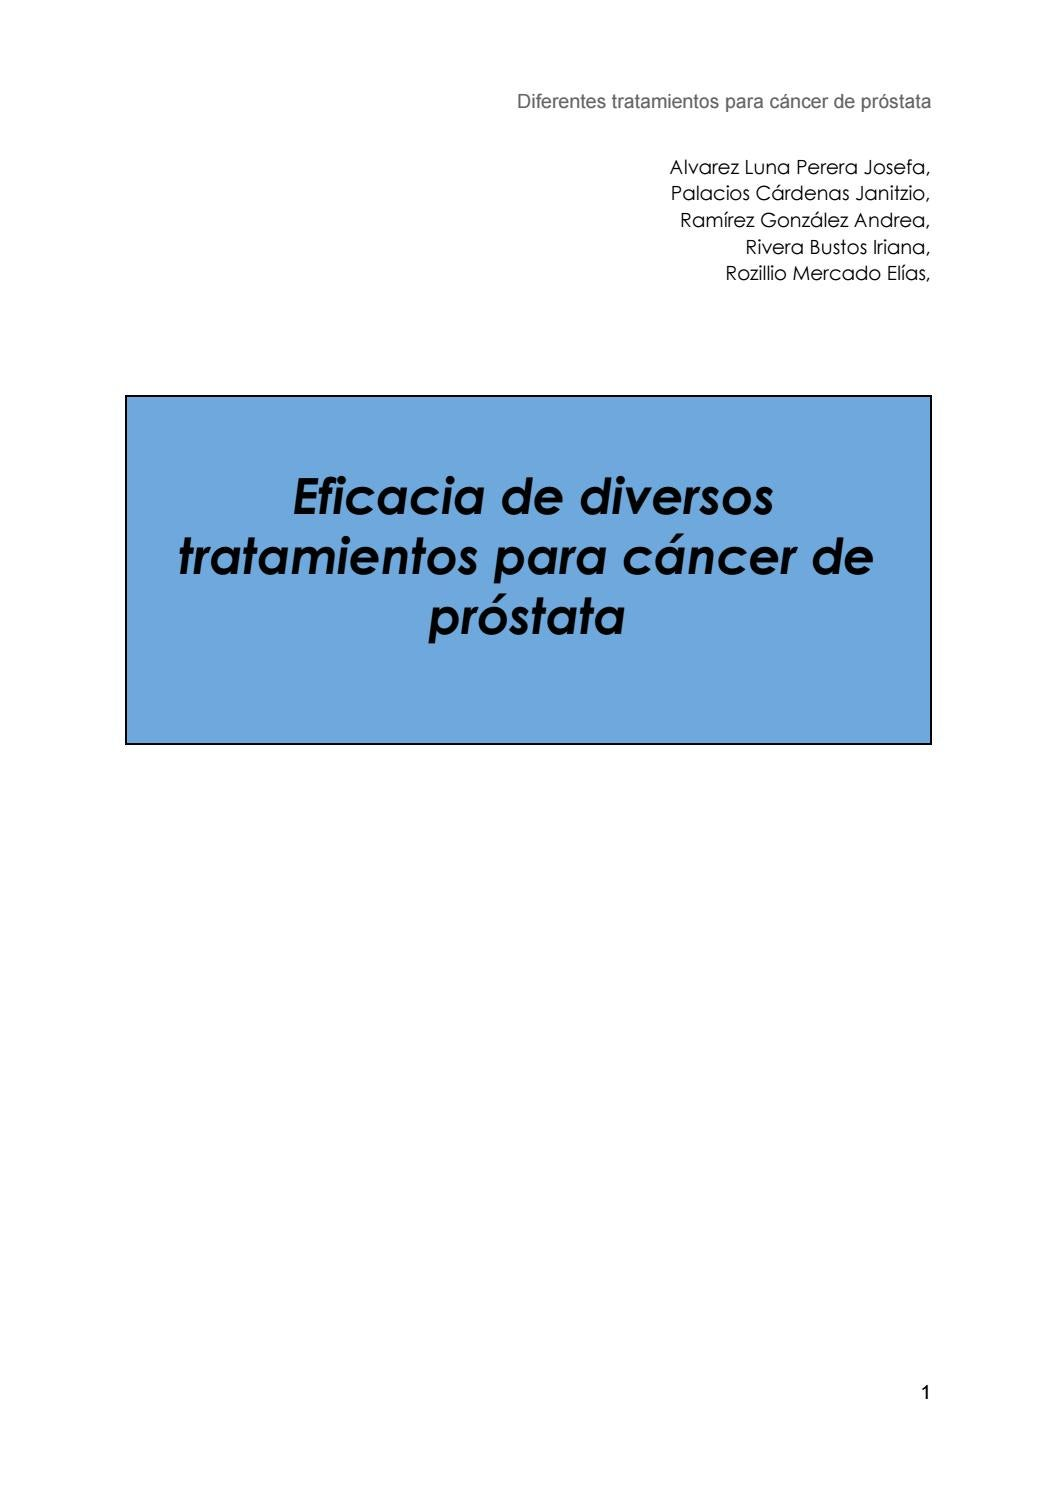 miglior trattamento per il miglior trattamento per il carcinoma prostatico gleason 7 prostatico gleason 7